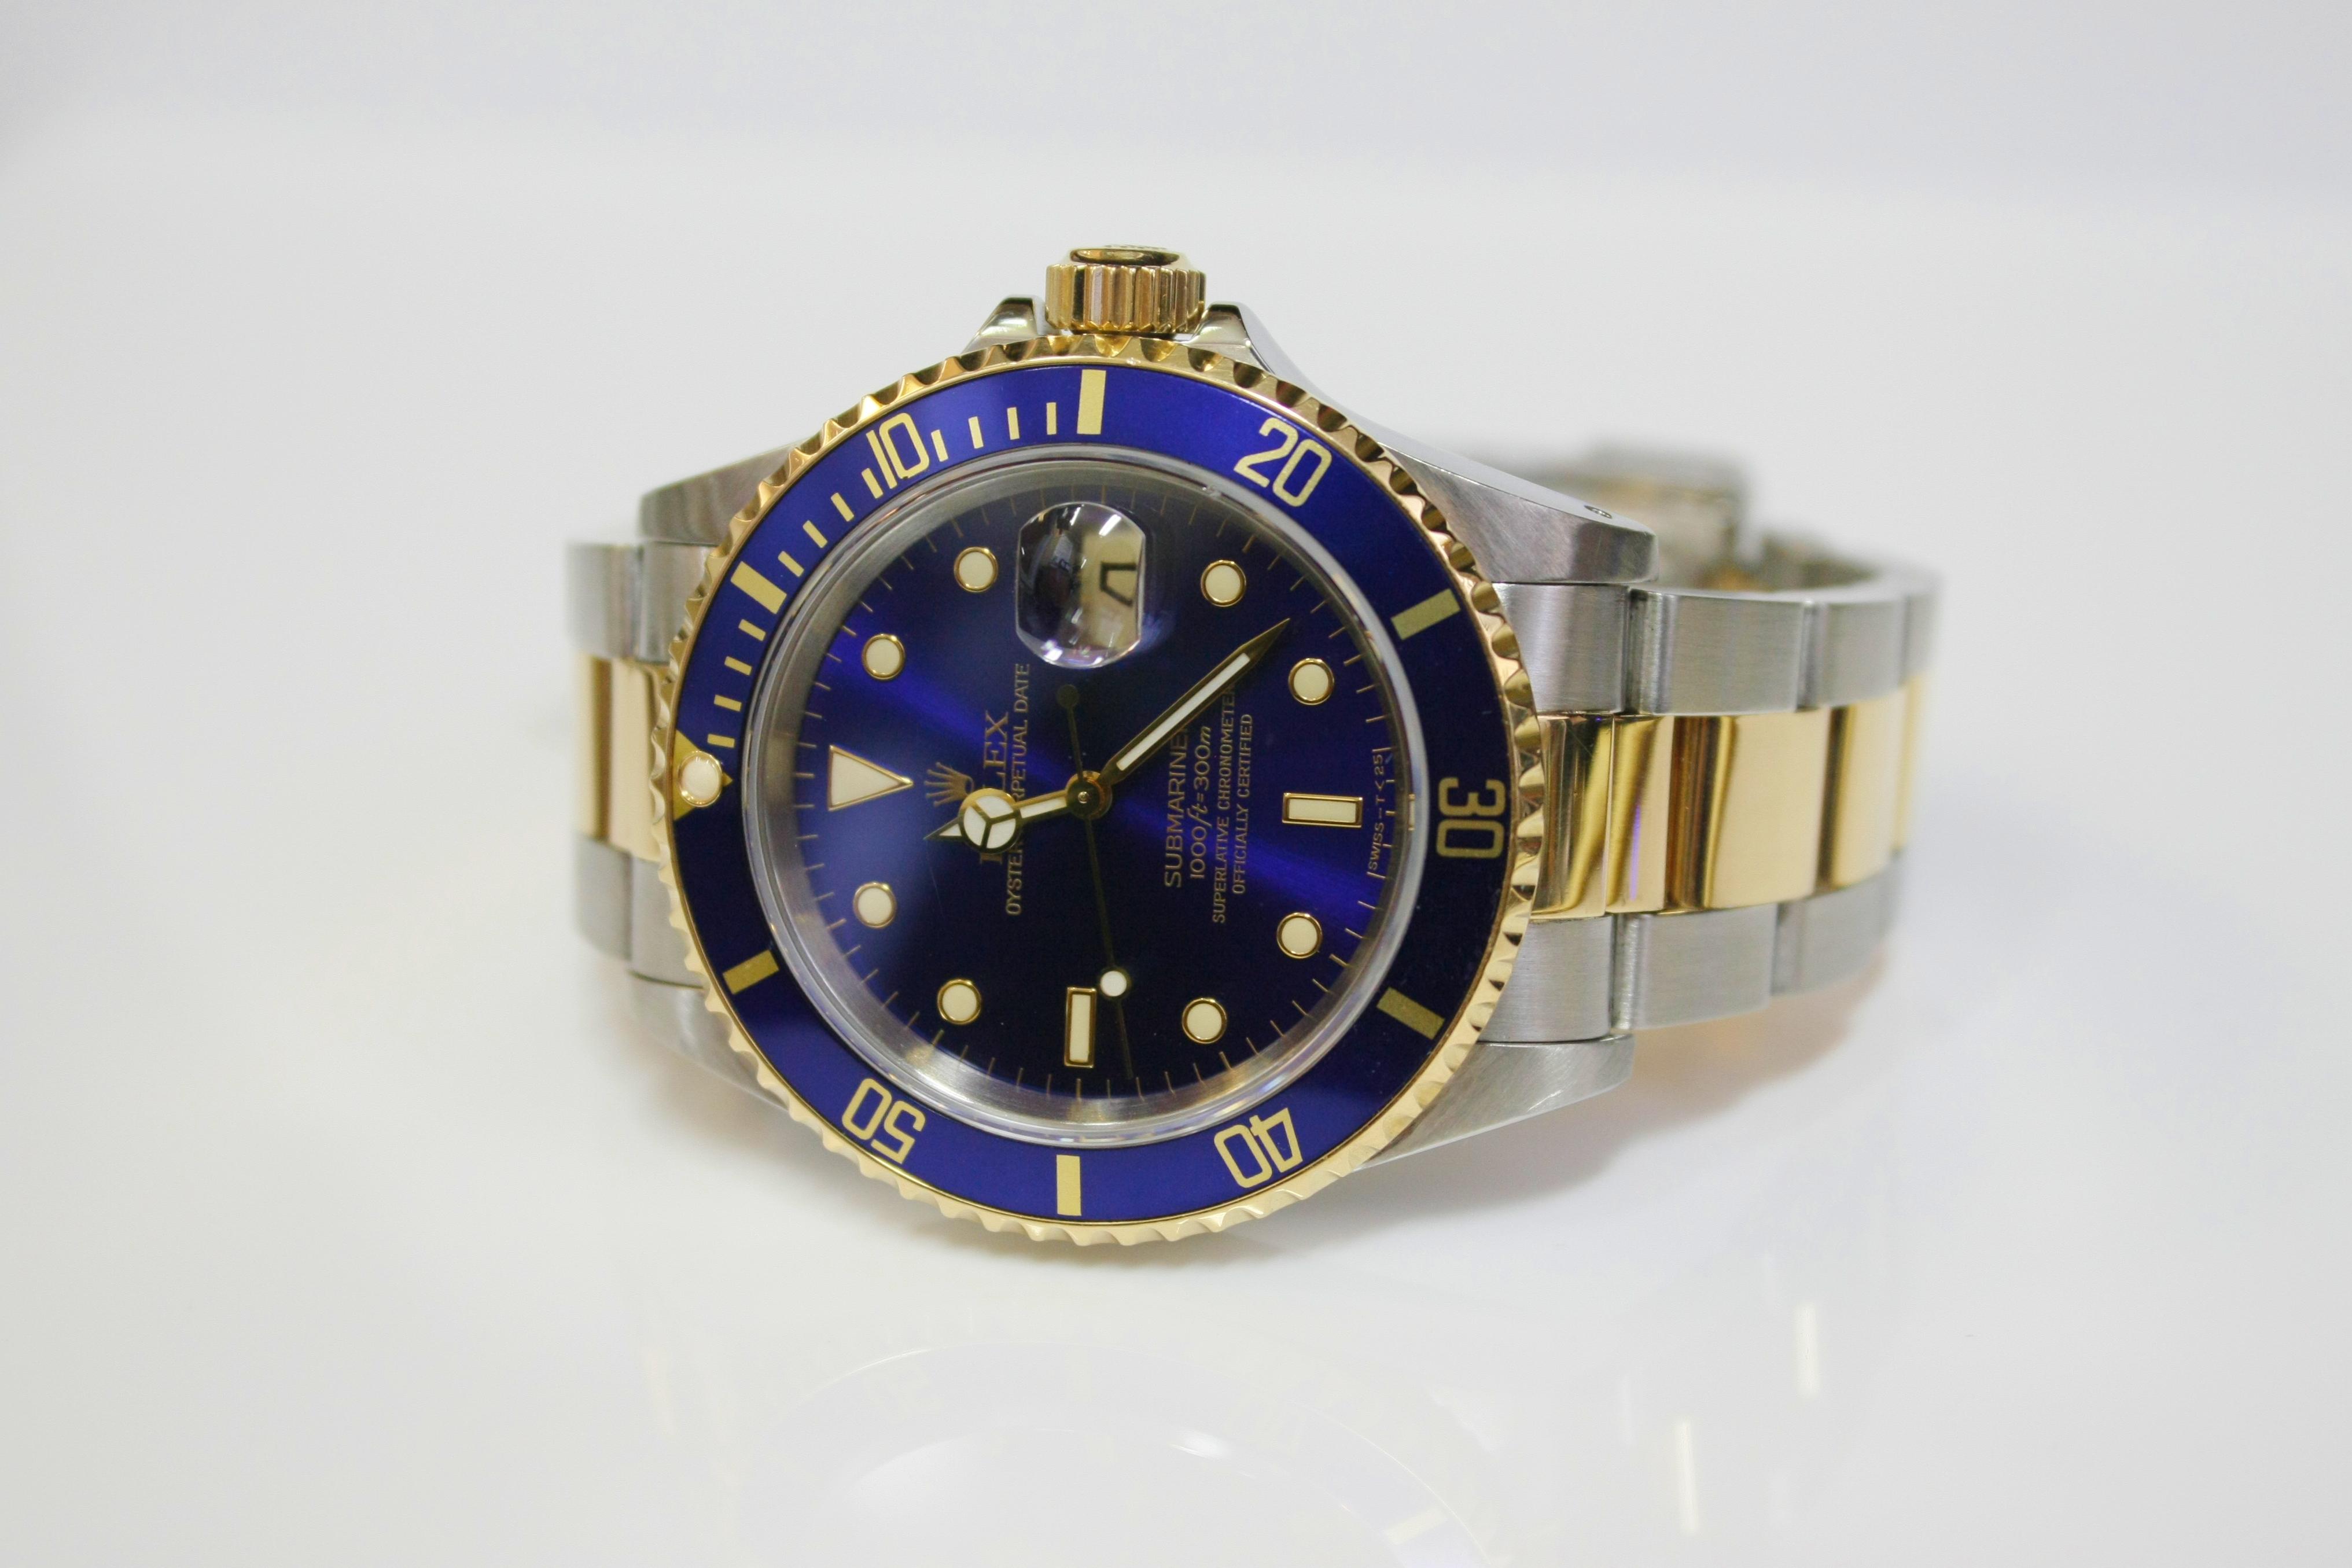 Rolex Submariner - $6,400